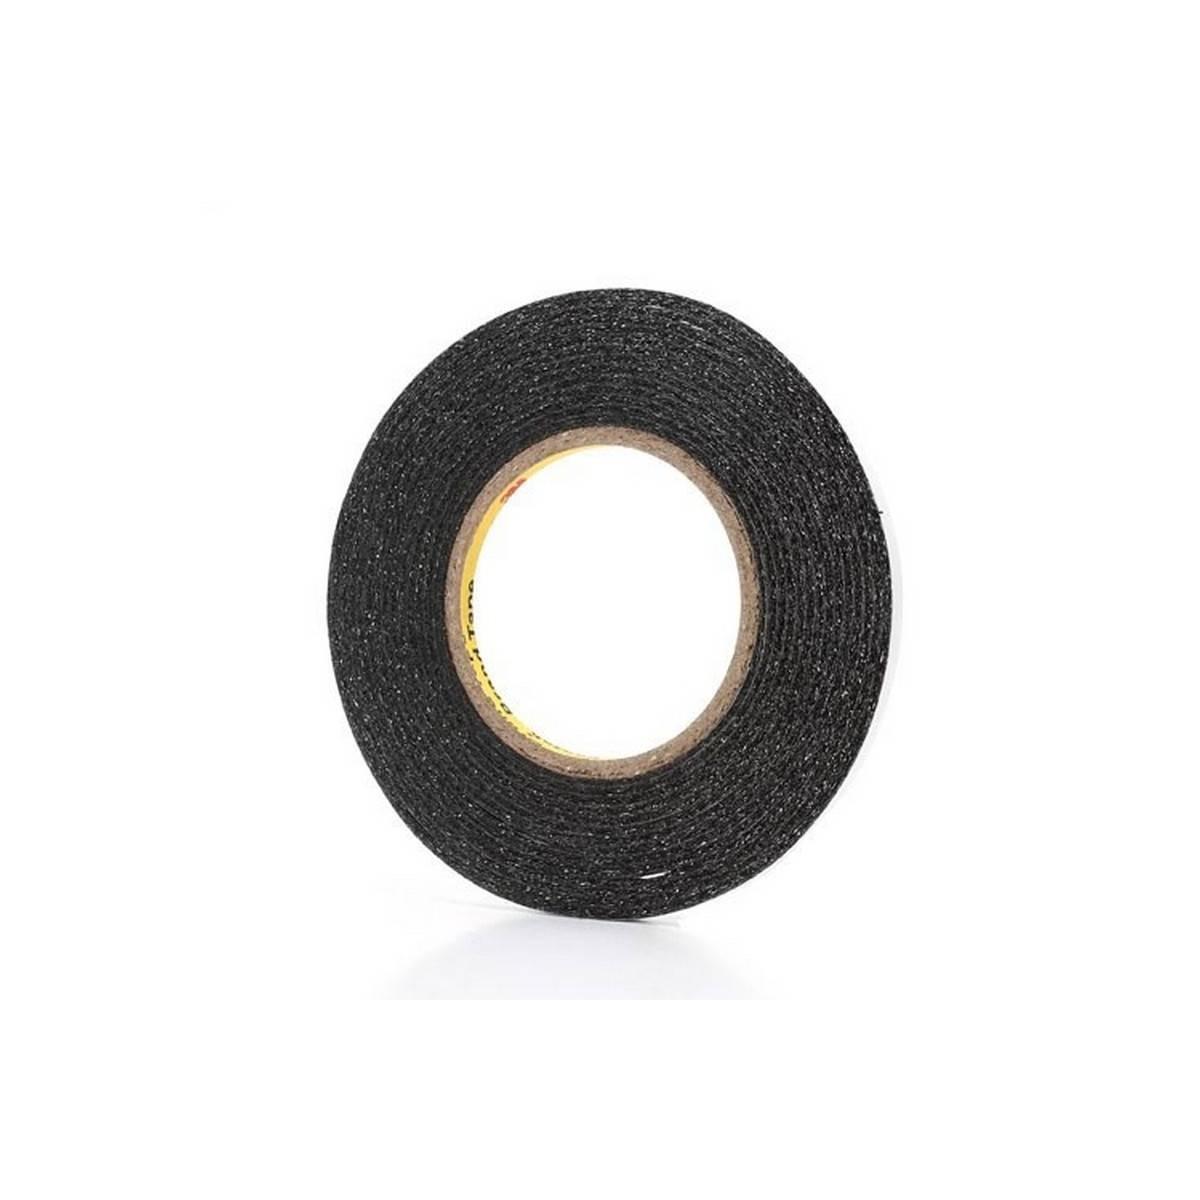 Cinta adhesiva preta extrafina 3M de 6mm de ancho